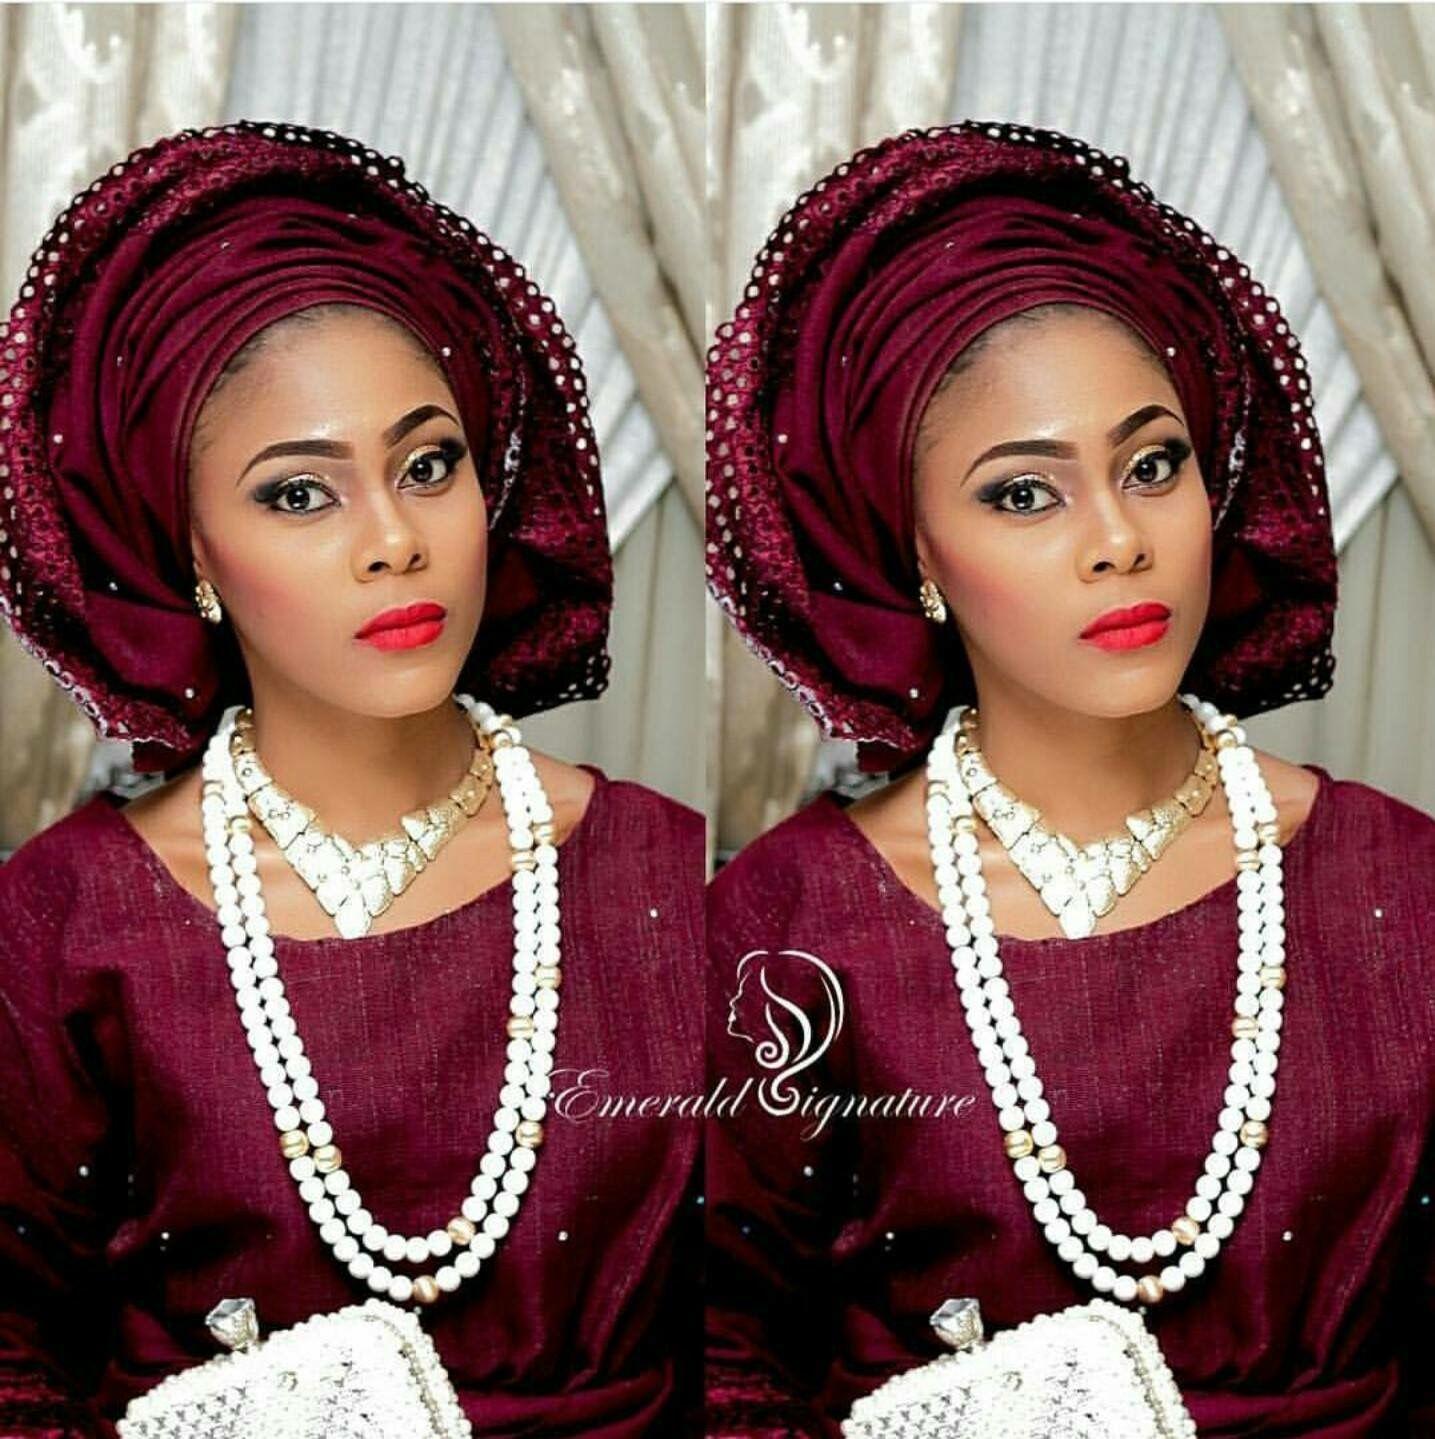 Traditional nigerian wedding dresses  Aso Ebi Bimpy  Fashion  Pinterest  African fashion ankara